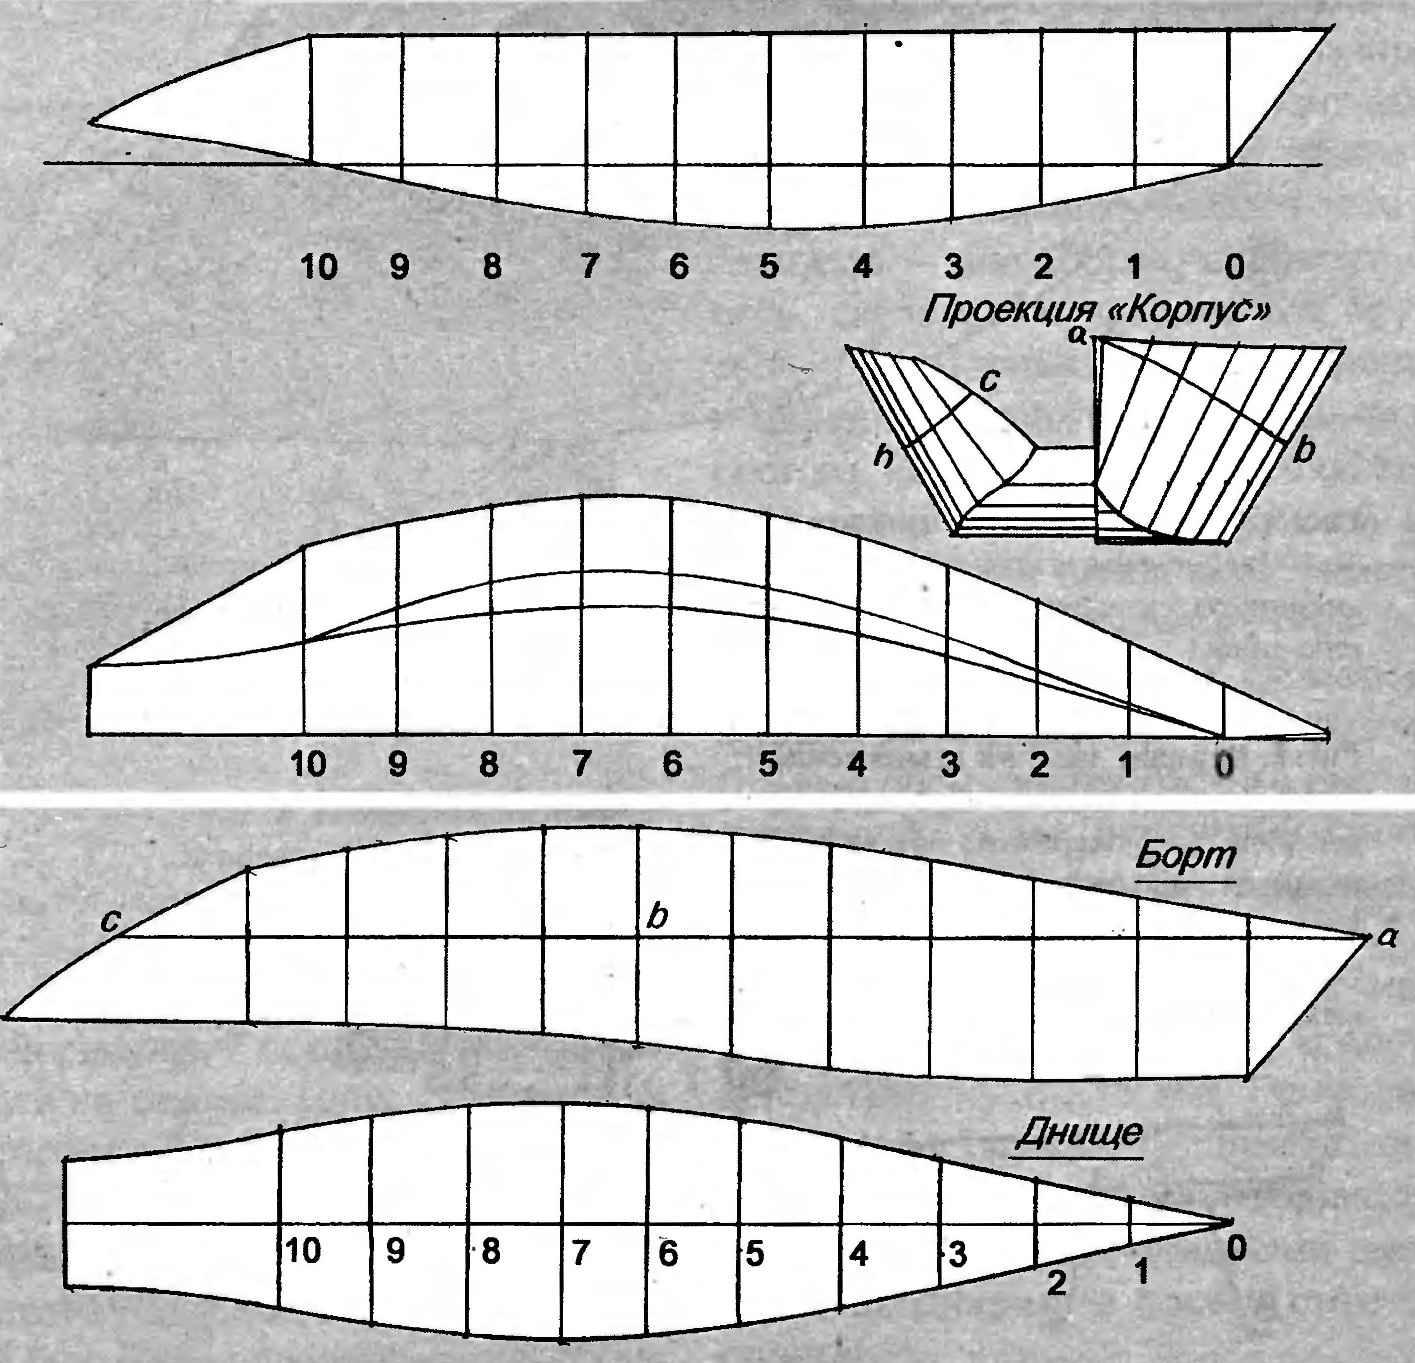 Рис. 4. Теоретический чертёж и развёртки бортов и днища